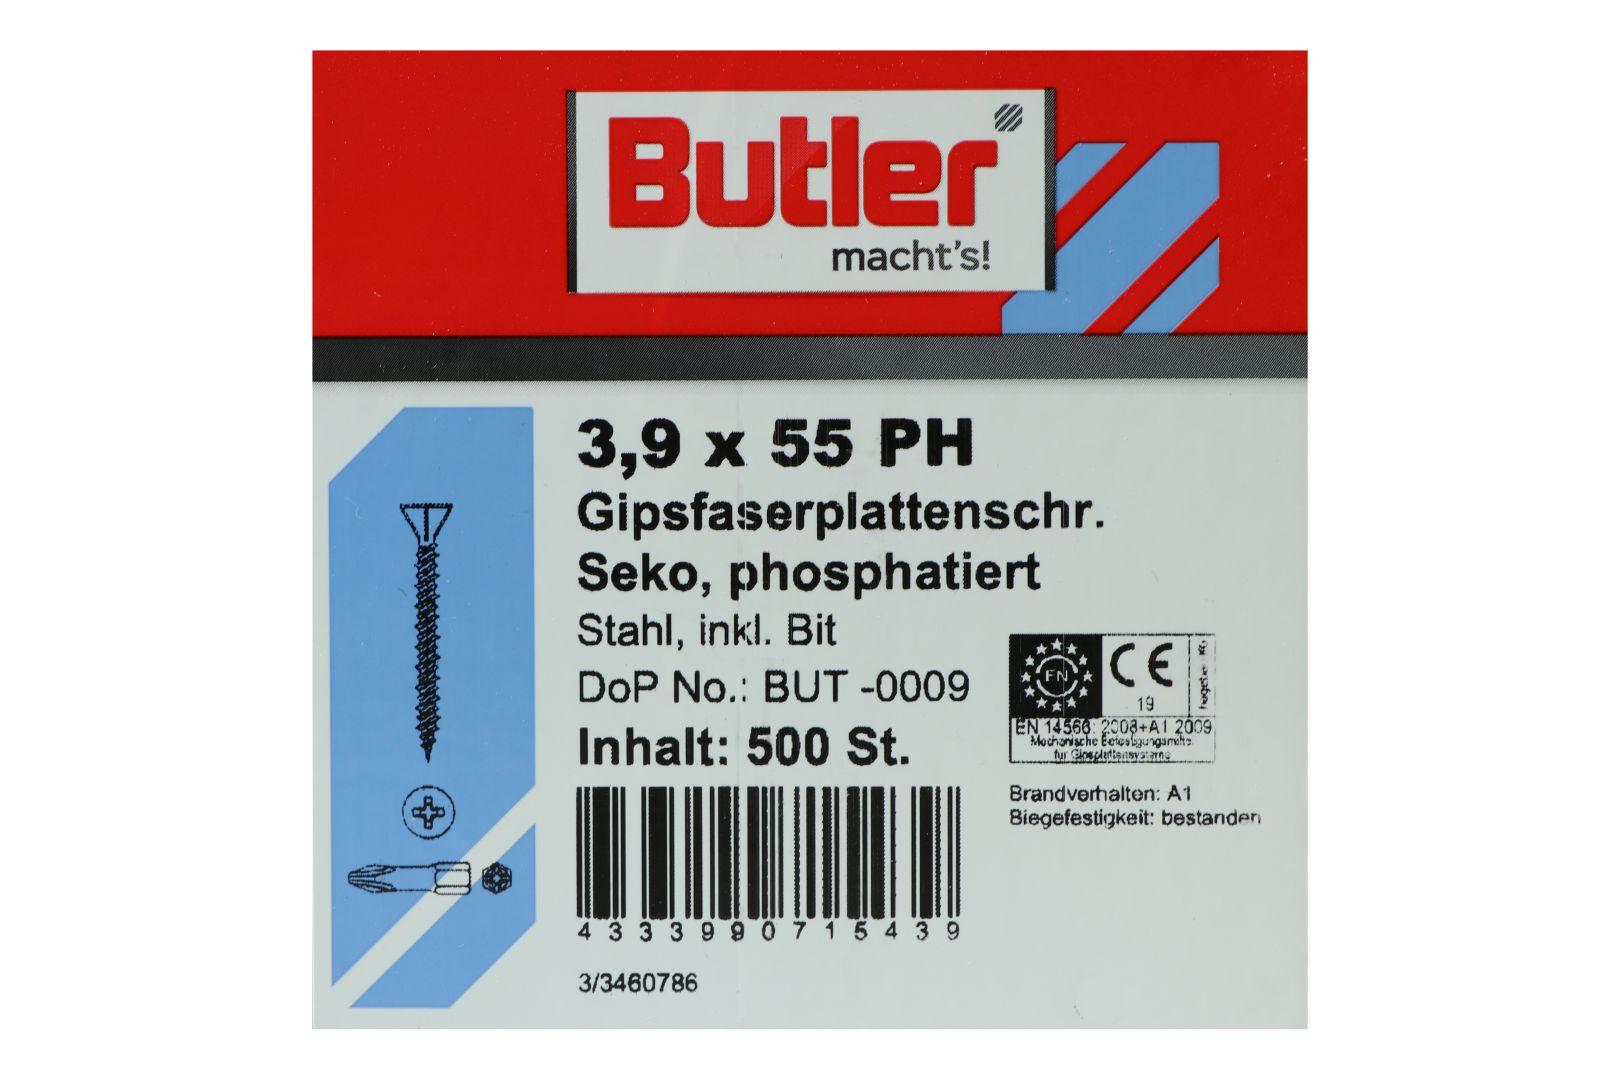 Butler macht's! Schnellbauschrauben inkl. Bit für Faserplatten auf Holz und Metall bis 0,6 mm, HiLo-Gewinde, PH2, 3,9 x 55 mm, 500 Stück